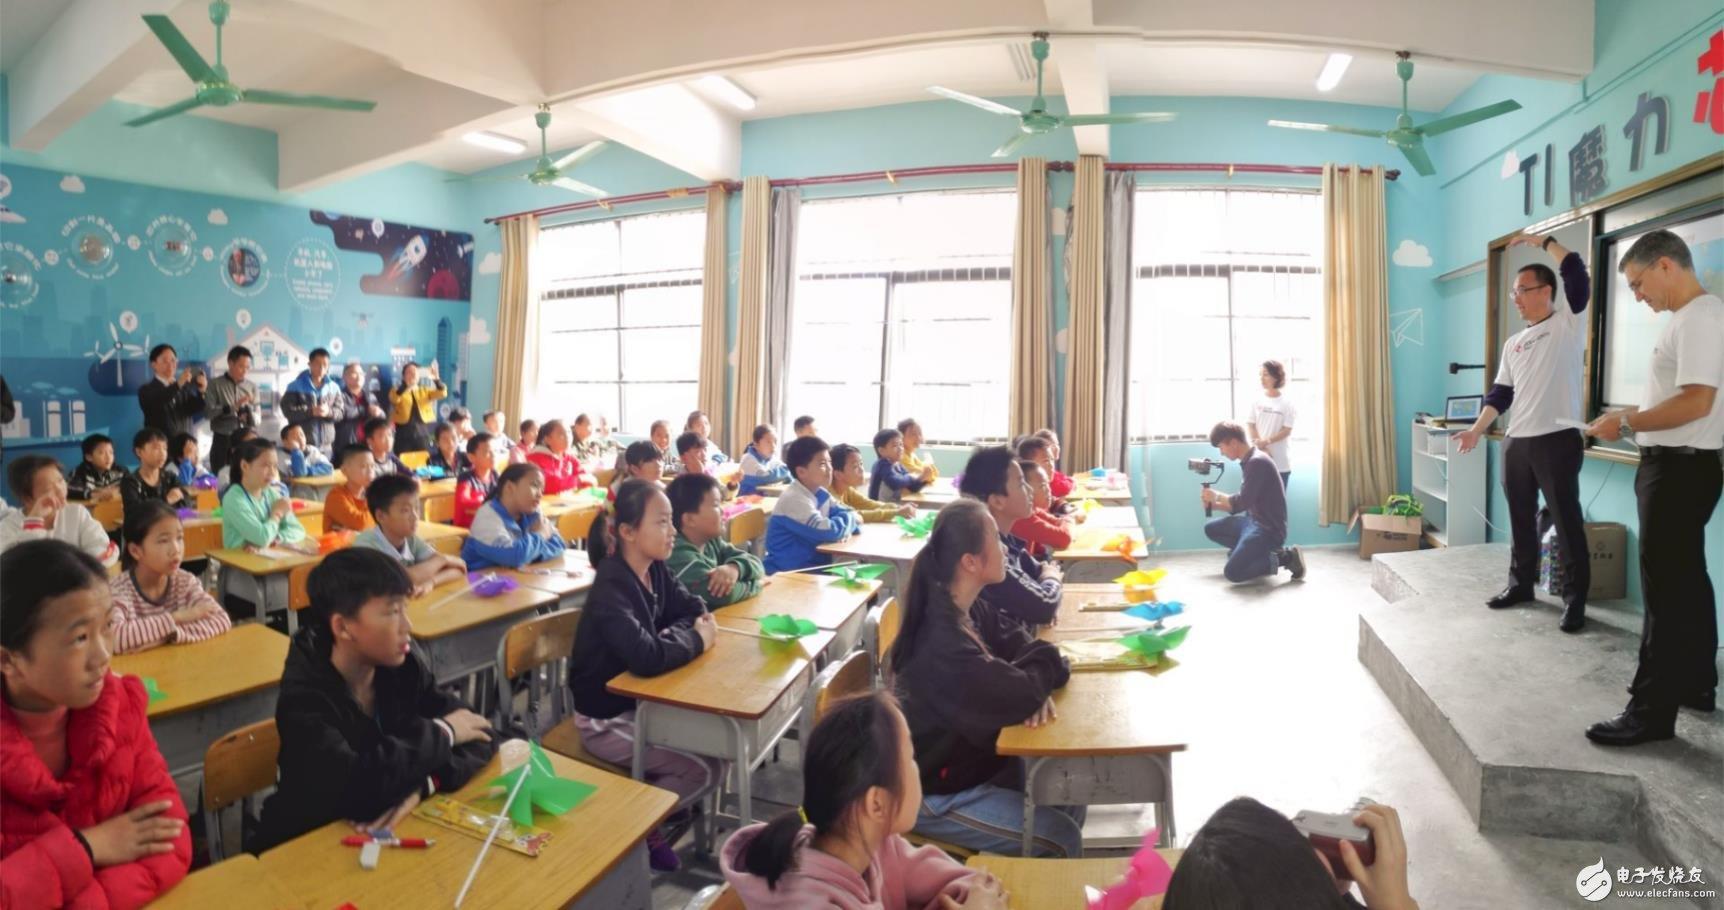 孩子们对TI的课程充满好奇